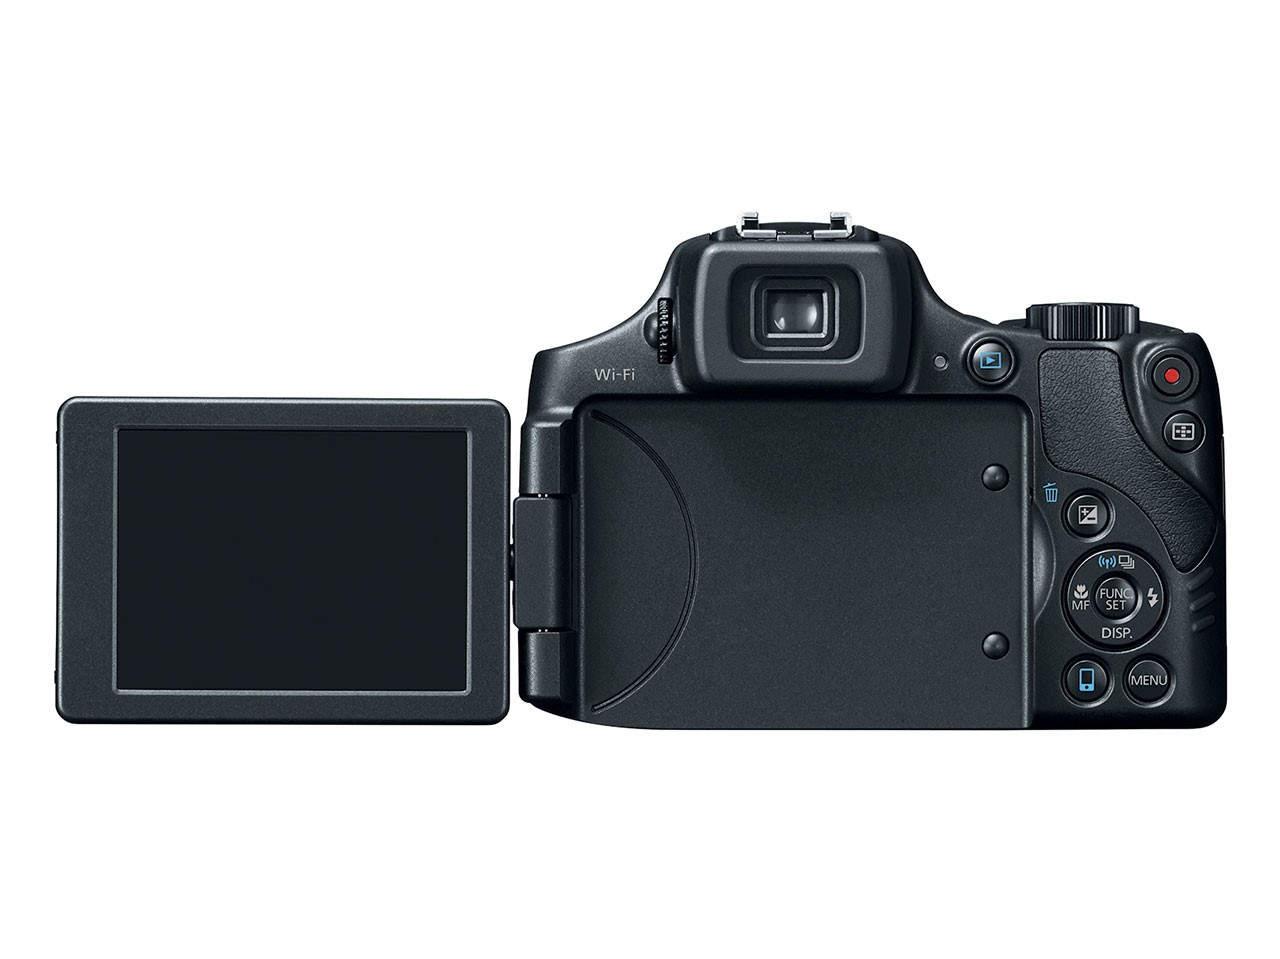 Суперзум Canon PowerShot SX60 HS с 65-кратным зумом 2